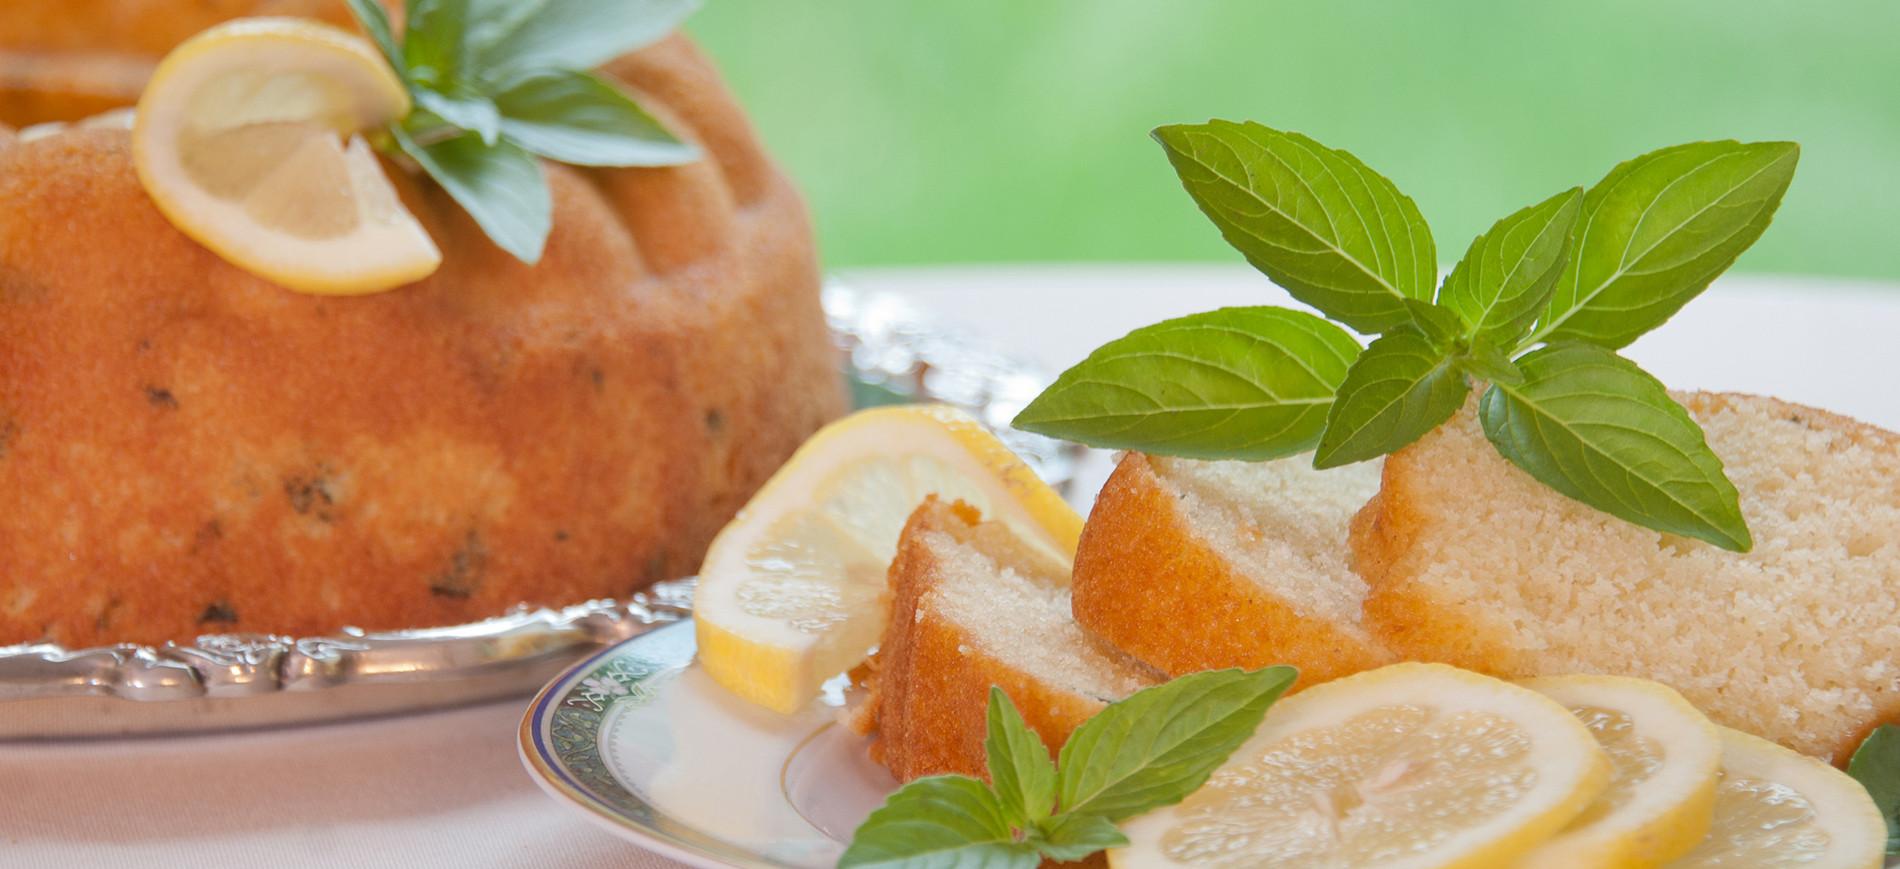 Lemon Basil Coffeecake with lemon & basil garnish on left, slices of cake with garnish on right